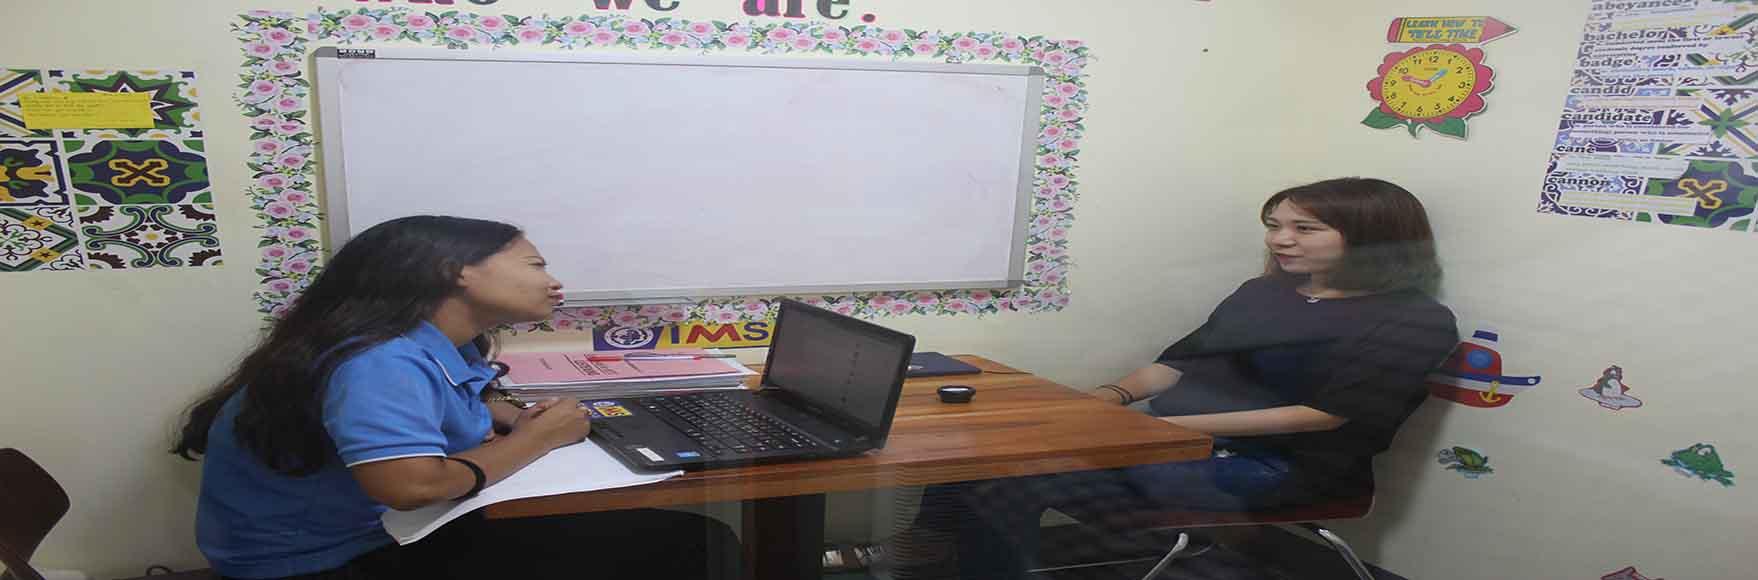 Hình ảnh khóa học Premium ESL Program tại trường anh ngữ IMS Banilad